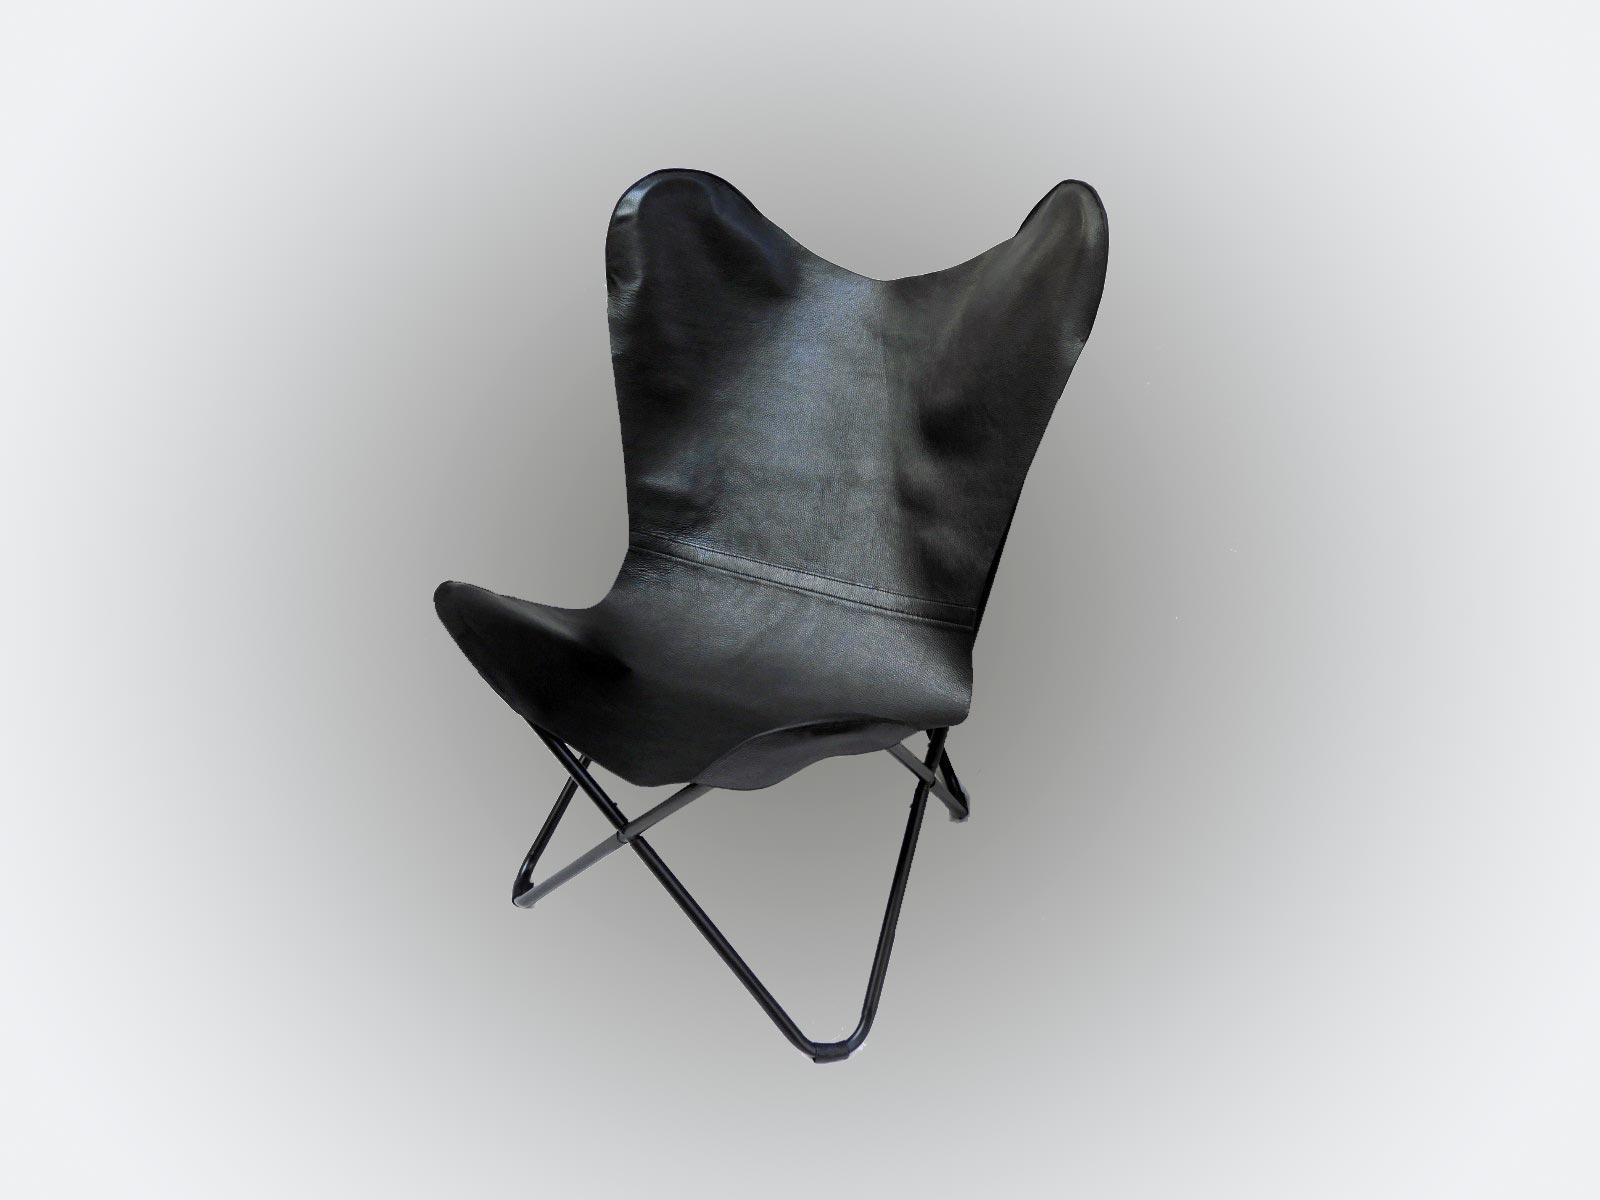 BUTTERFLY CHAIR by FetP, en cuir de taurillon grainé noir